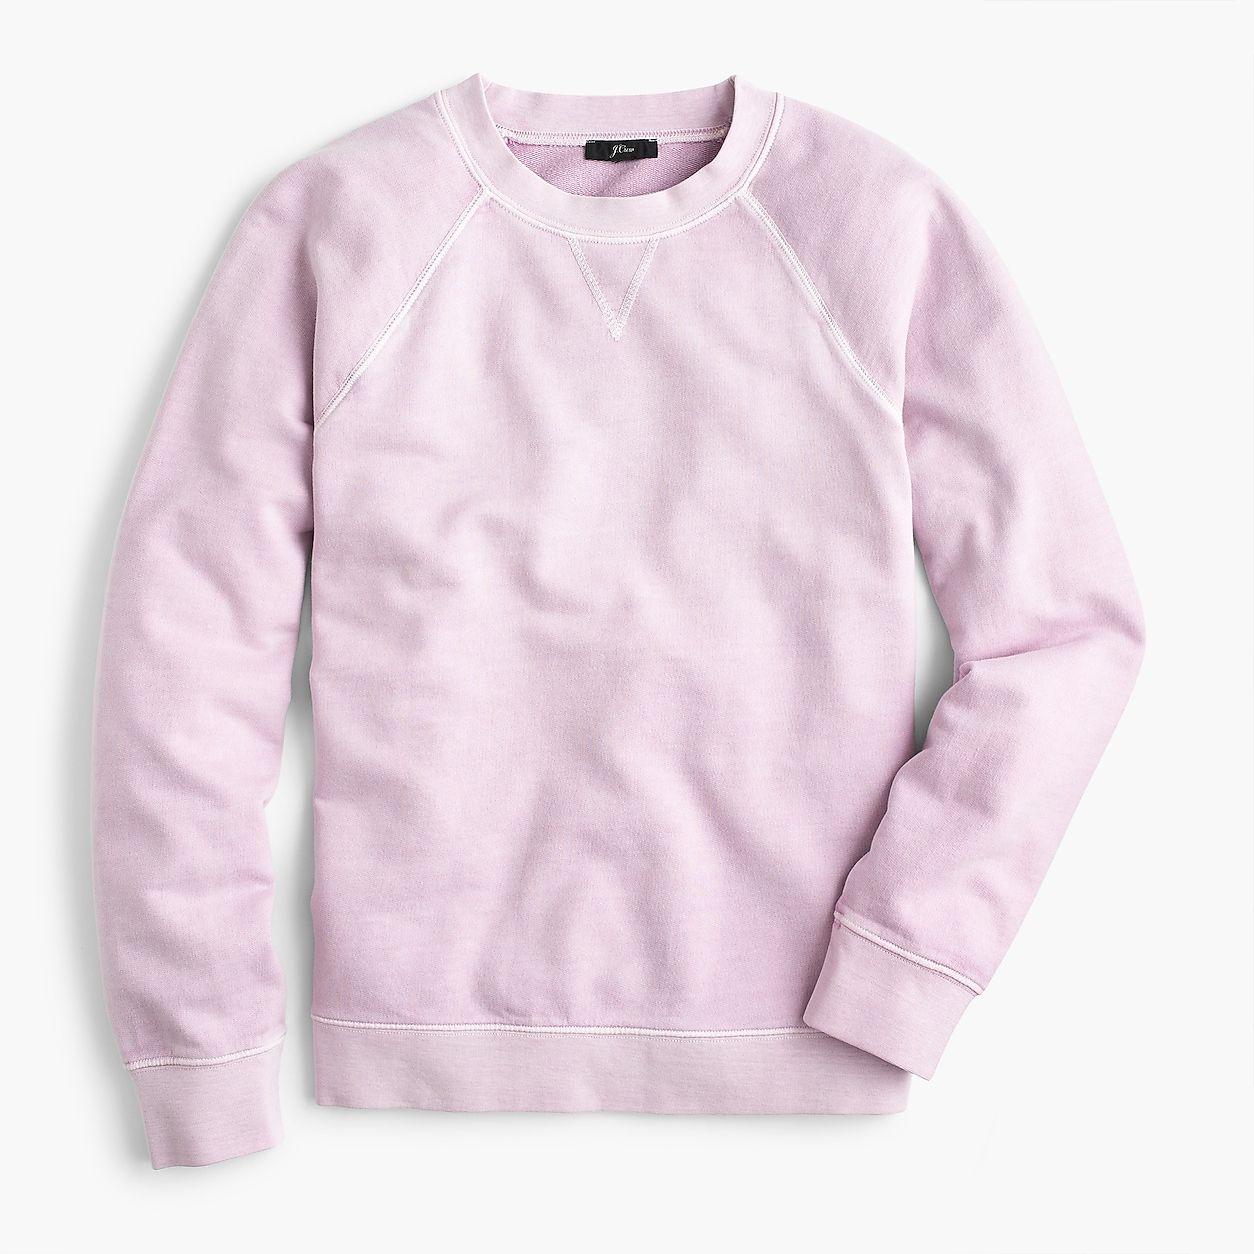 Garment Dyed Crewneck Sweatshirt Sweatshirts Trendy Sweatshirt Sweatshirts Women [ 1254 x 1254 Pixel ]